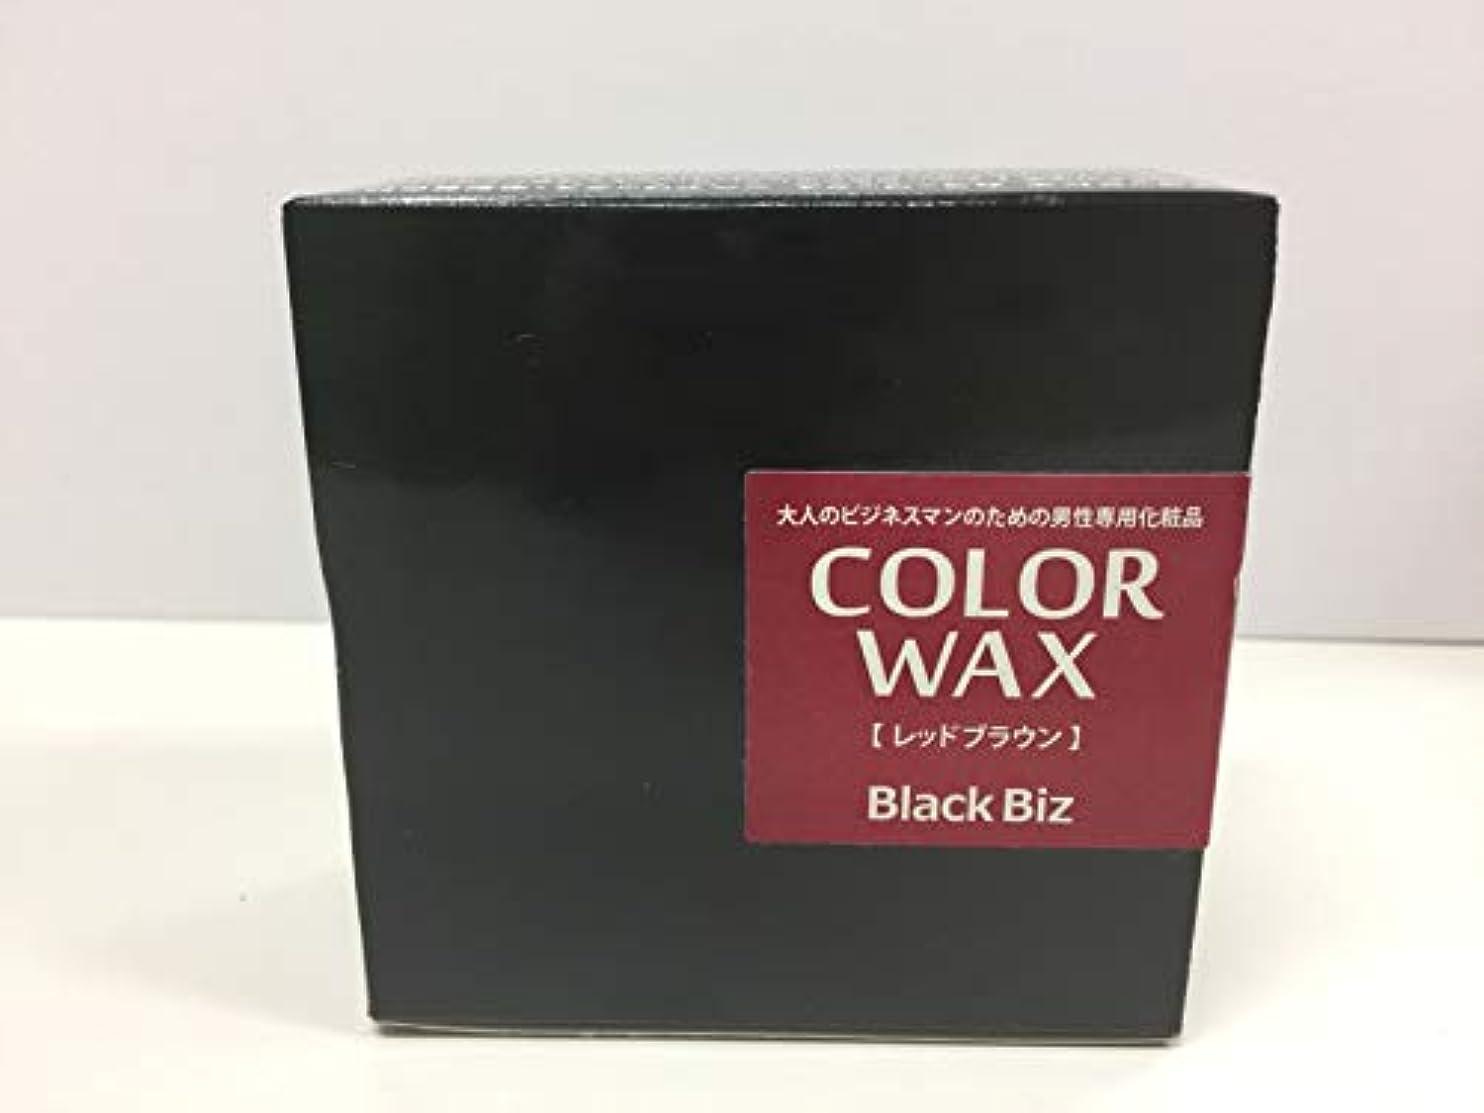 バドミントンシンボル打ち上げる大人のビジネスマンのための男性専用化粧品 BlackBiz COLOR WAX ブラックビズ カラーワックス 【レッドブラウン】